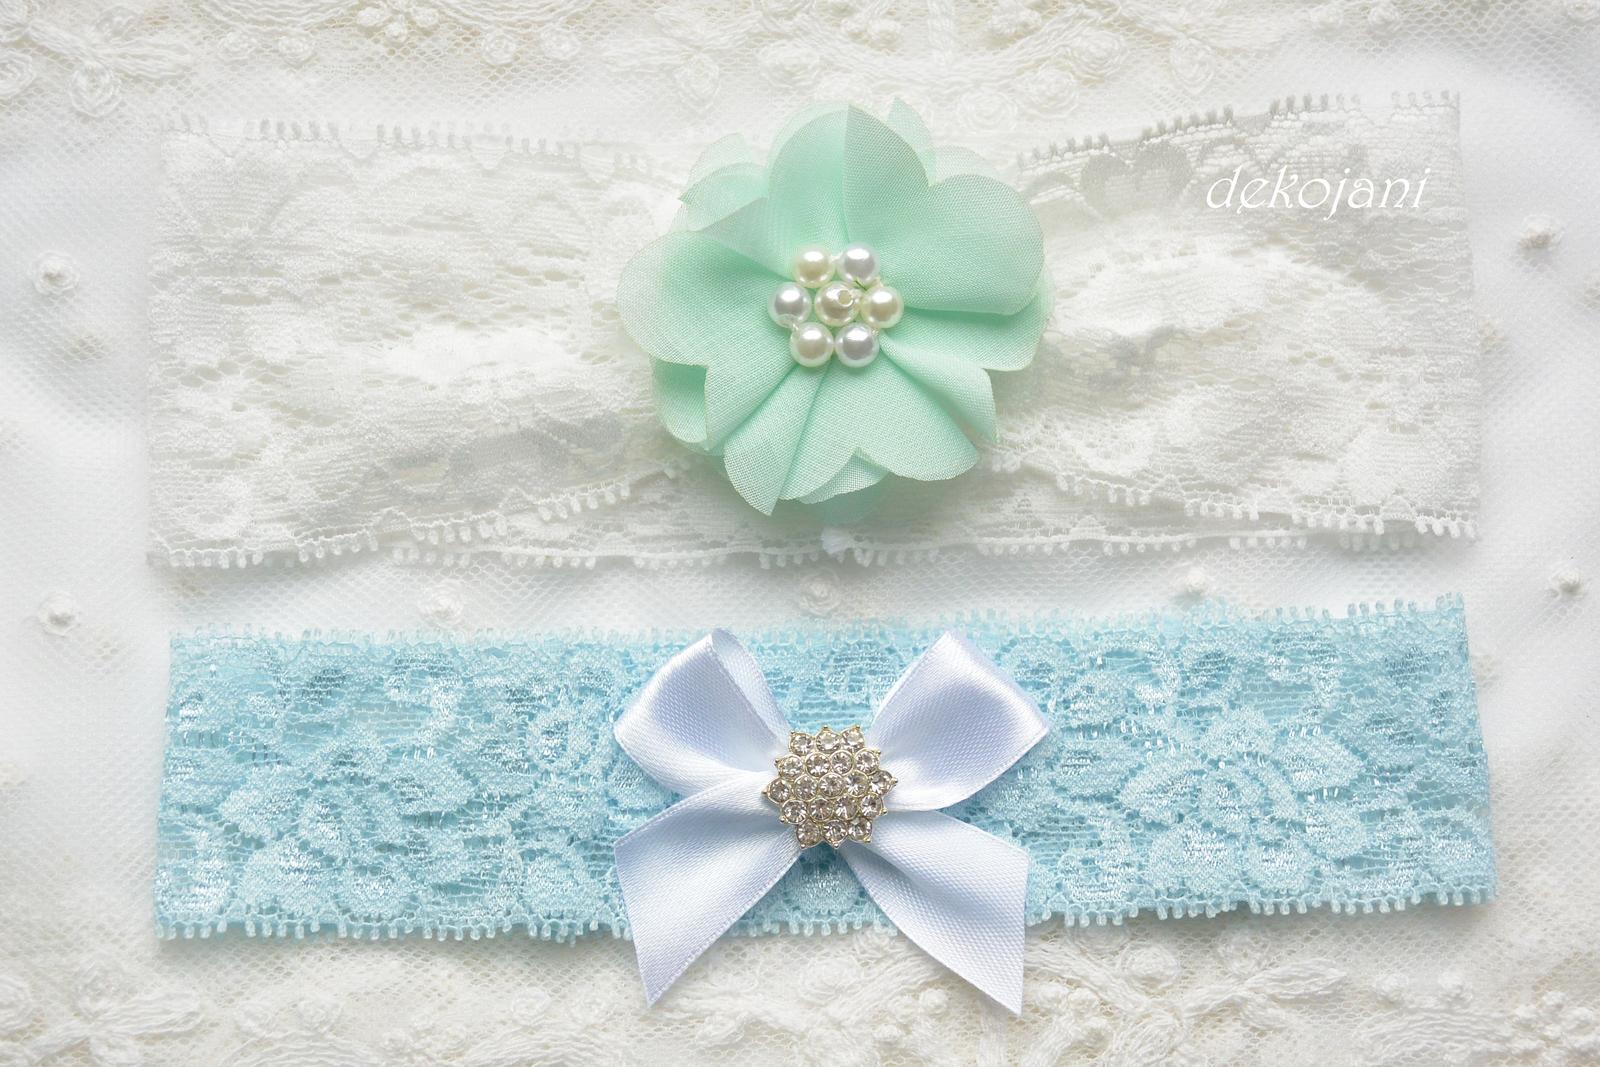 Luxusní svatební doplňky a dekorace. - Obrázek č. 31